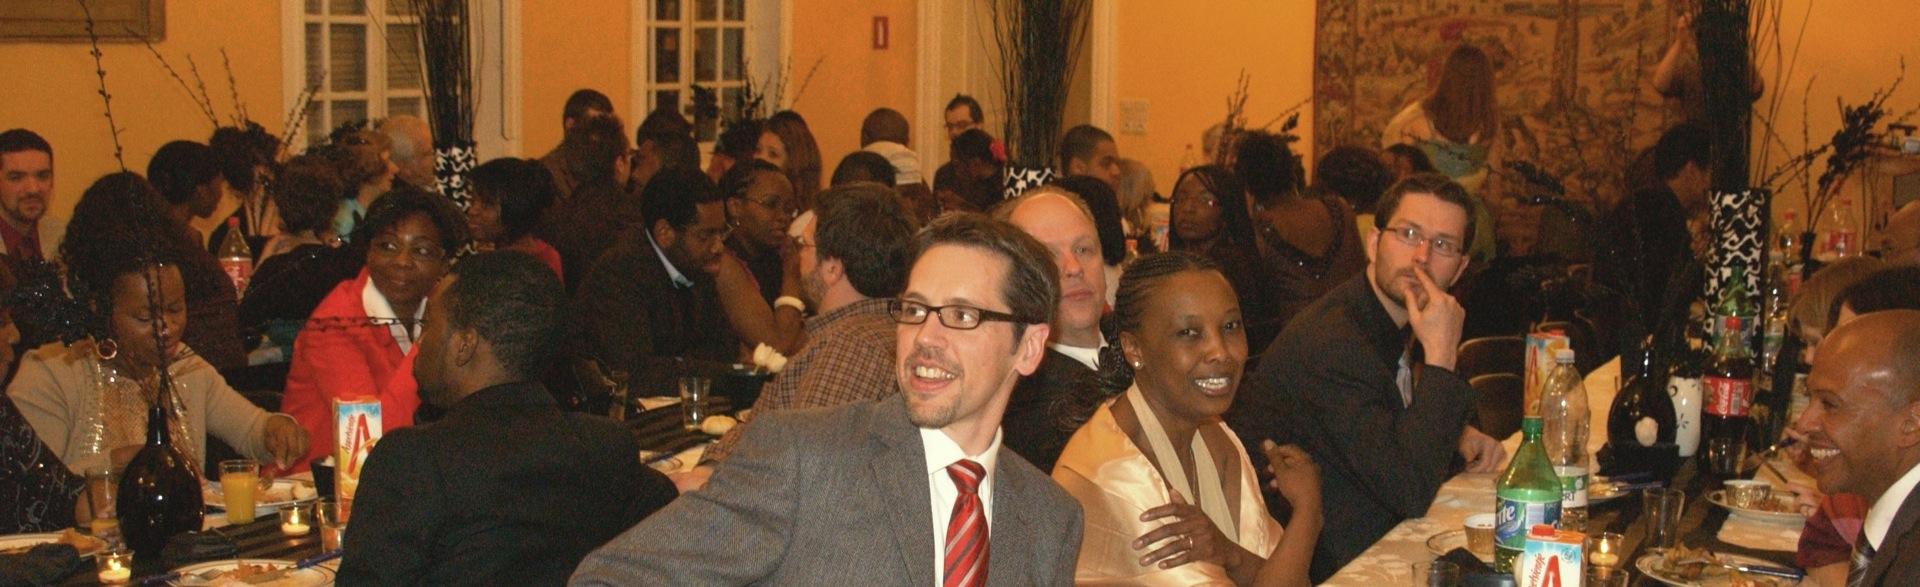 SFC Banquet crowd